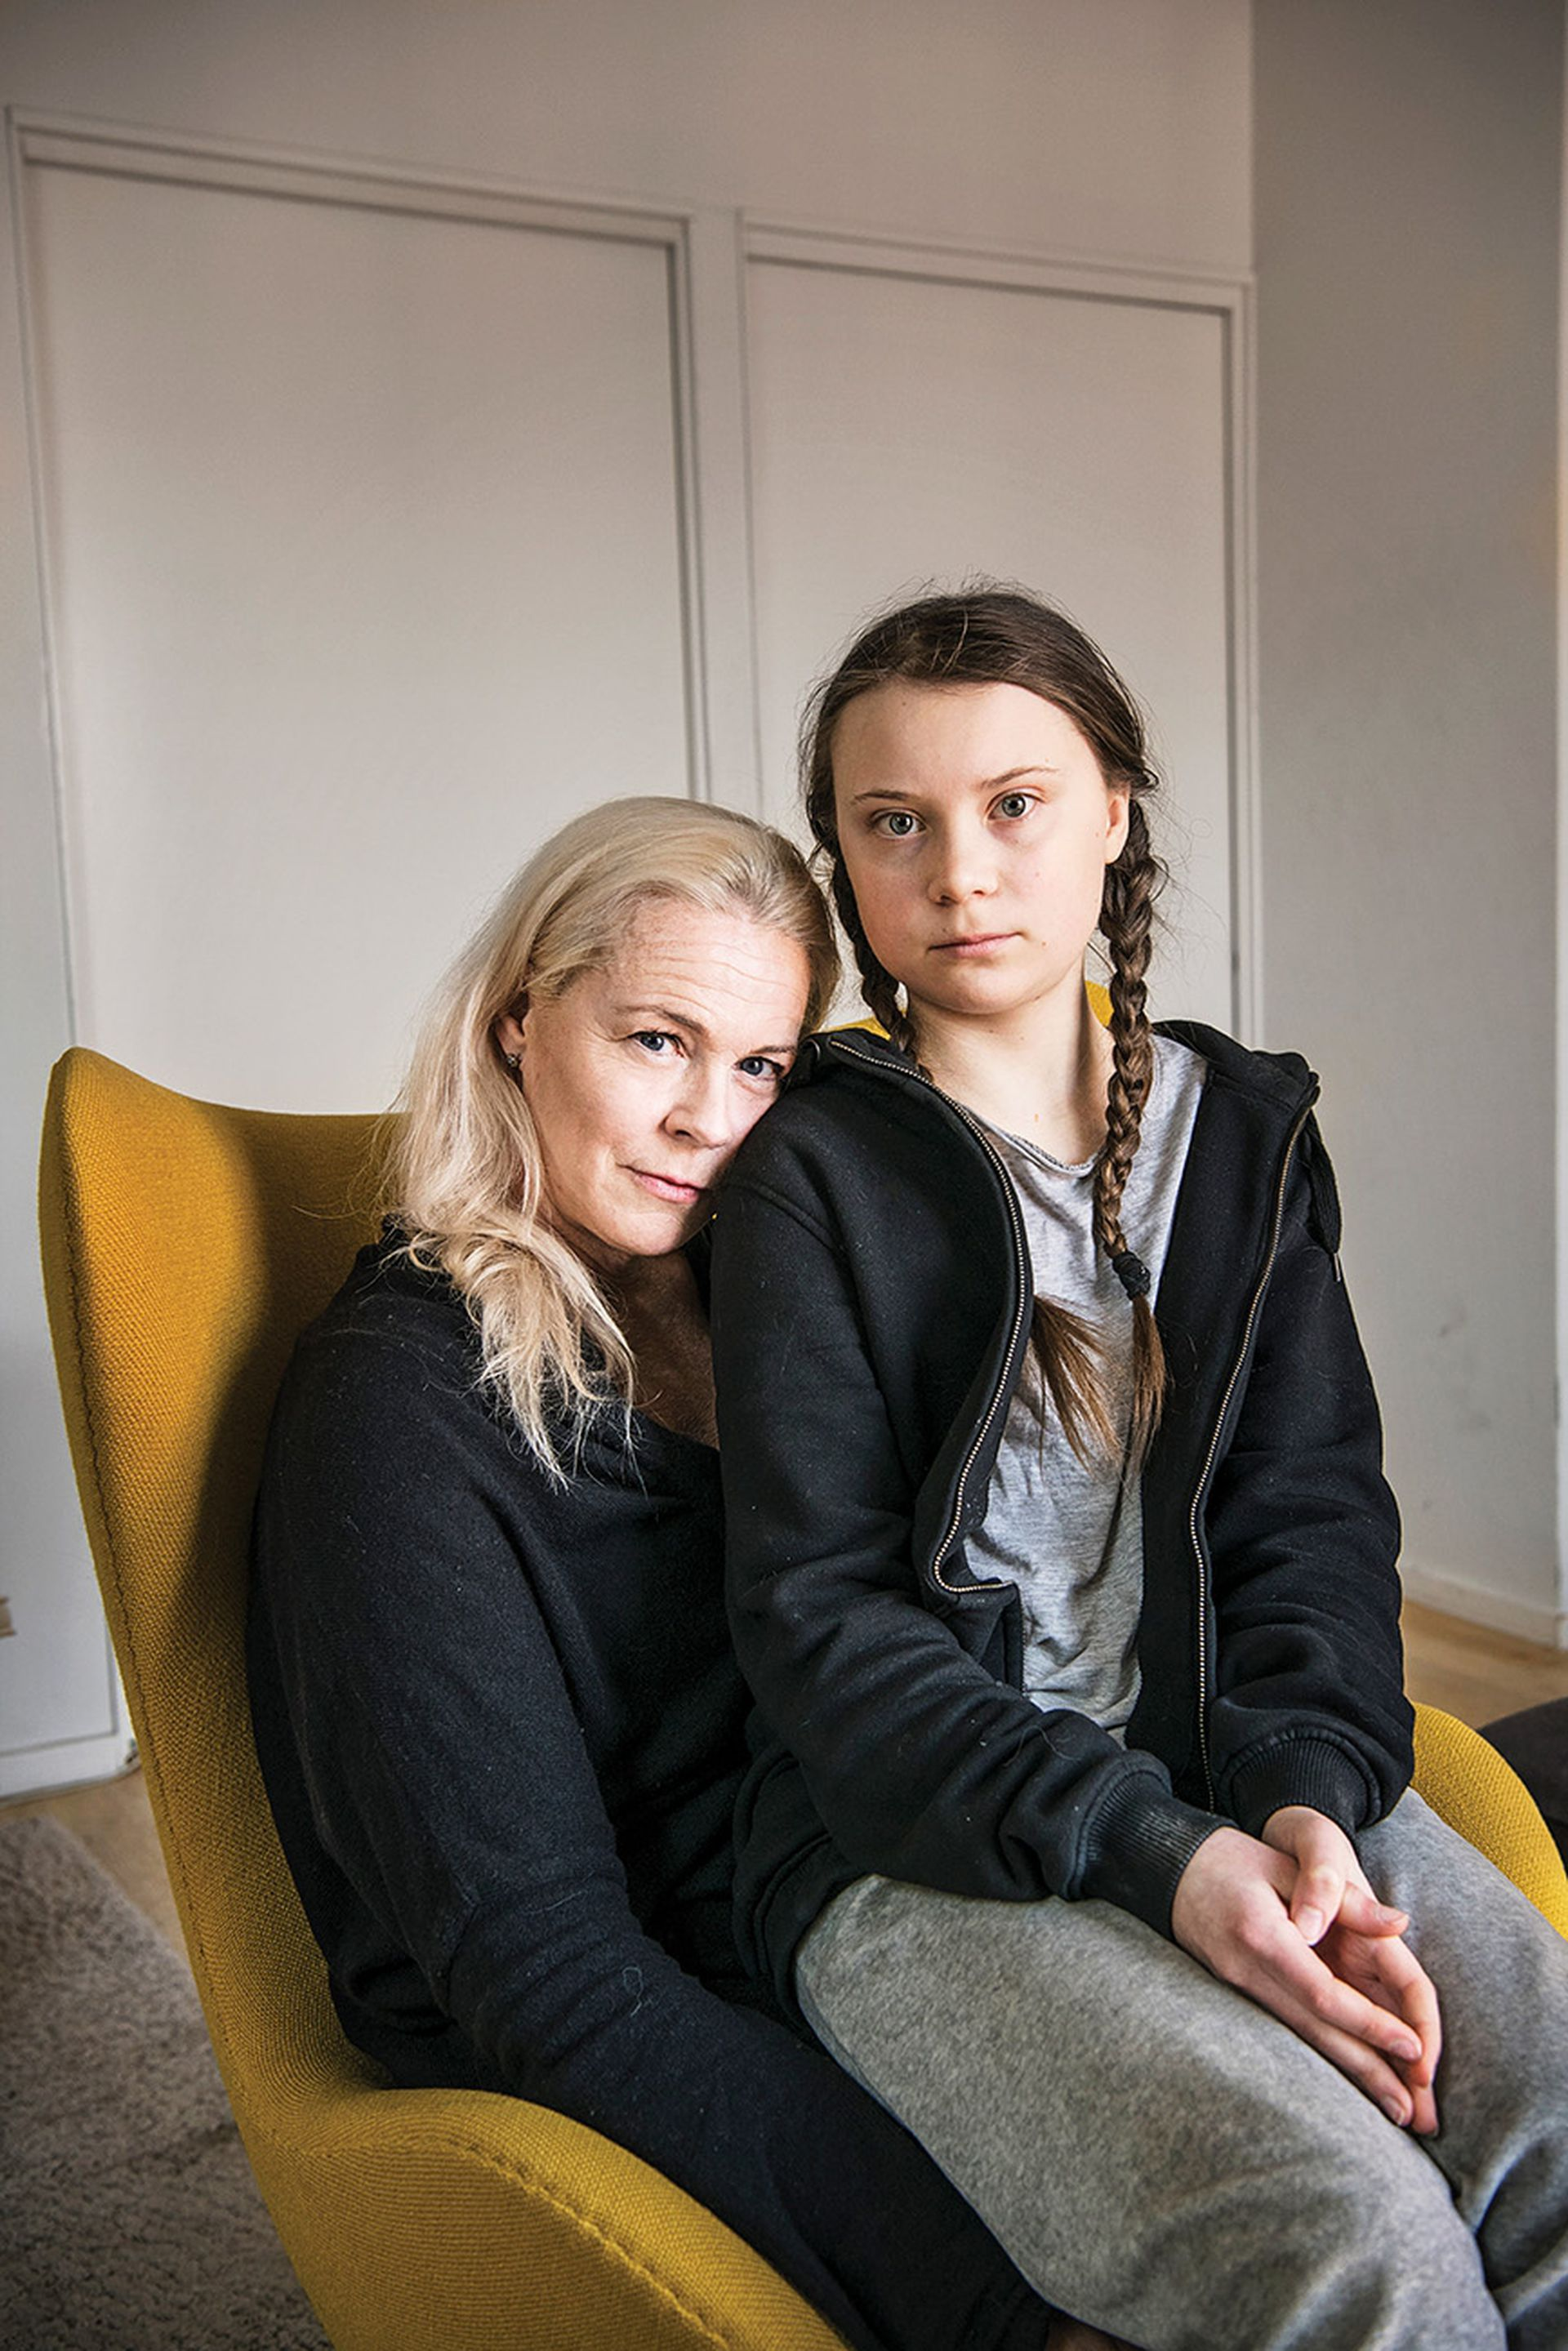 Con su mamá, la cantante de ópera Malena Ernman, en su casa en Estocolmo